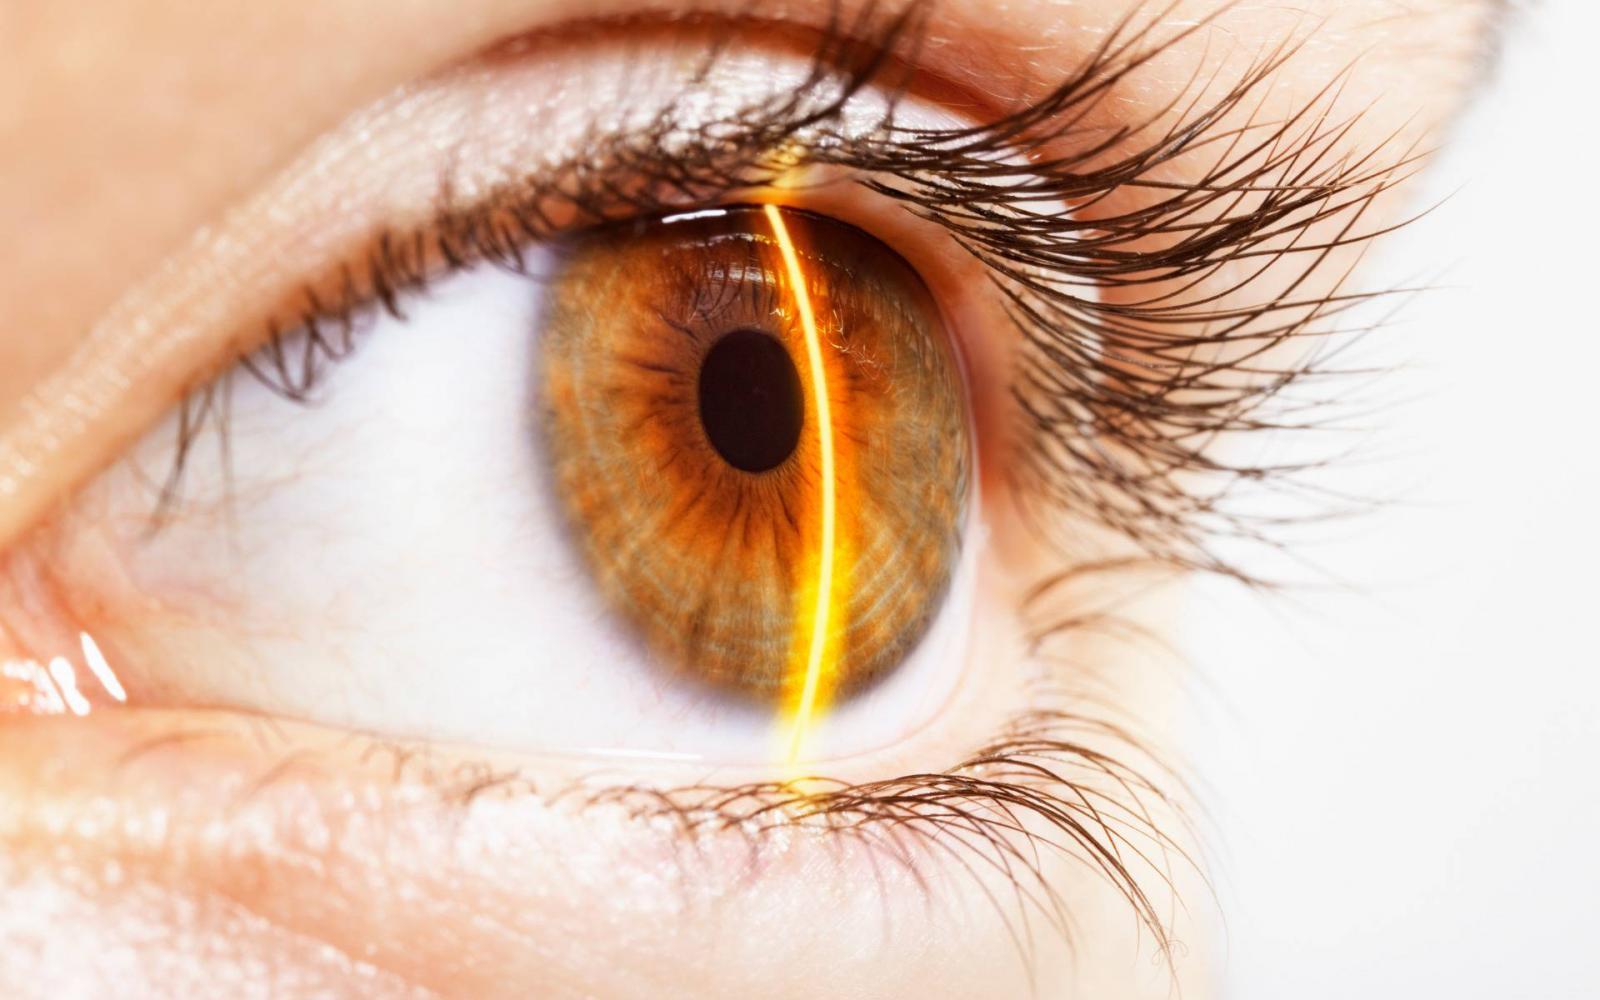 látás és félelem hogyan lehet helyreállítani a látást orvosok nélkül